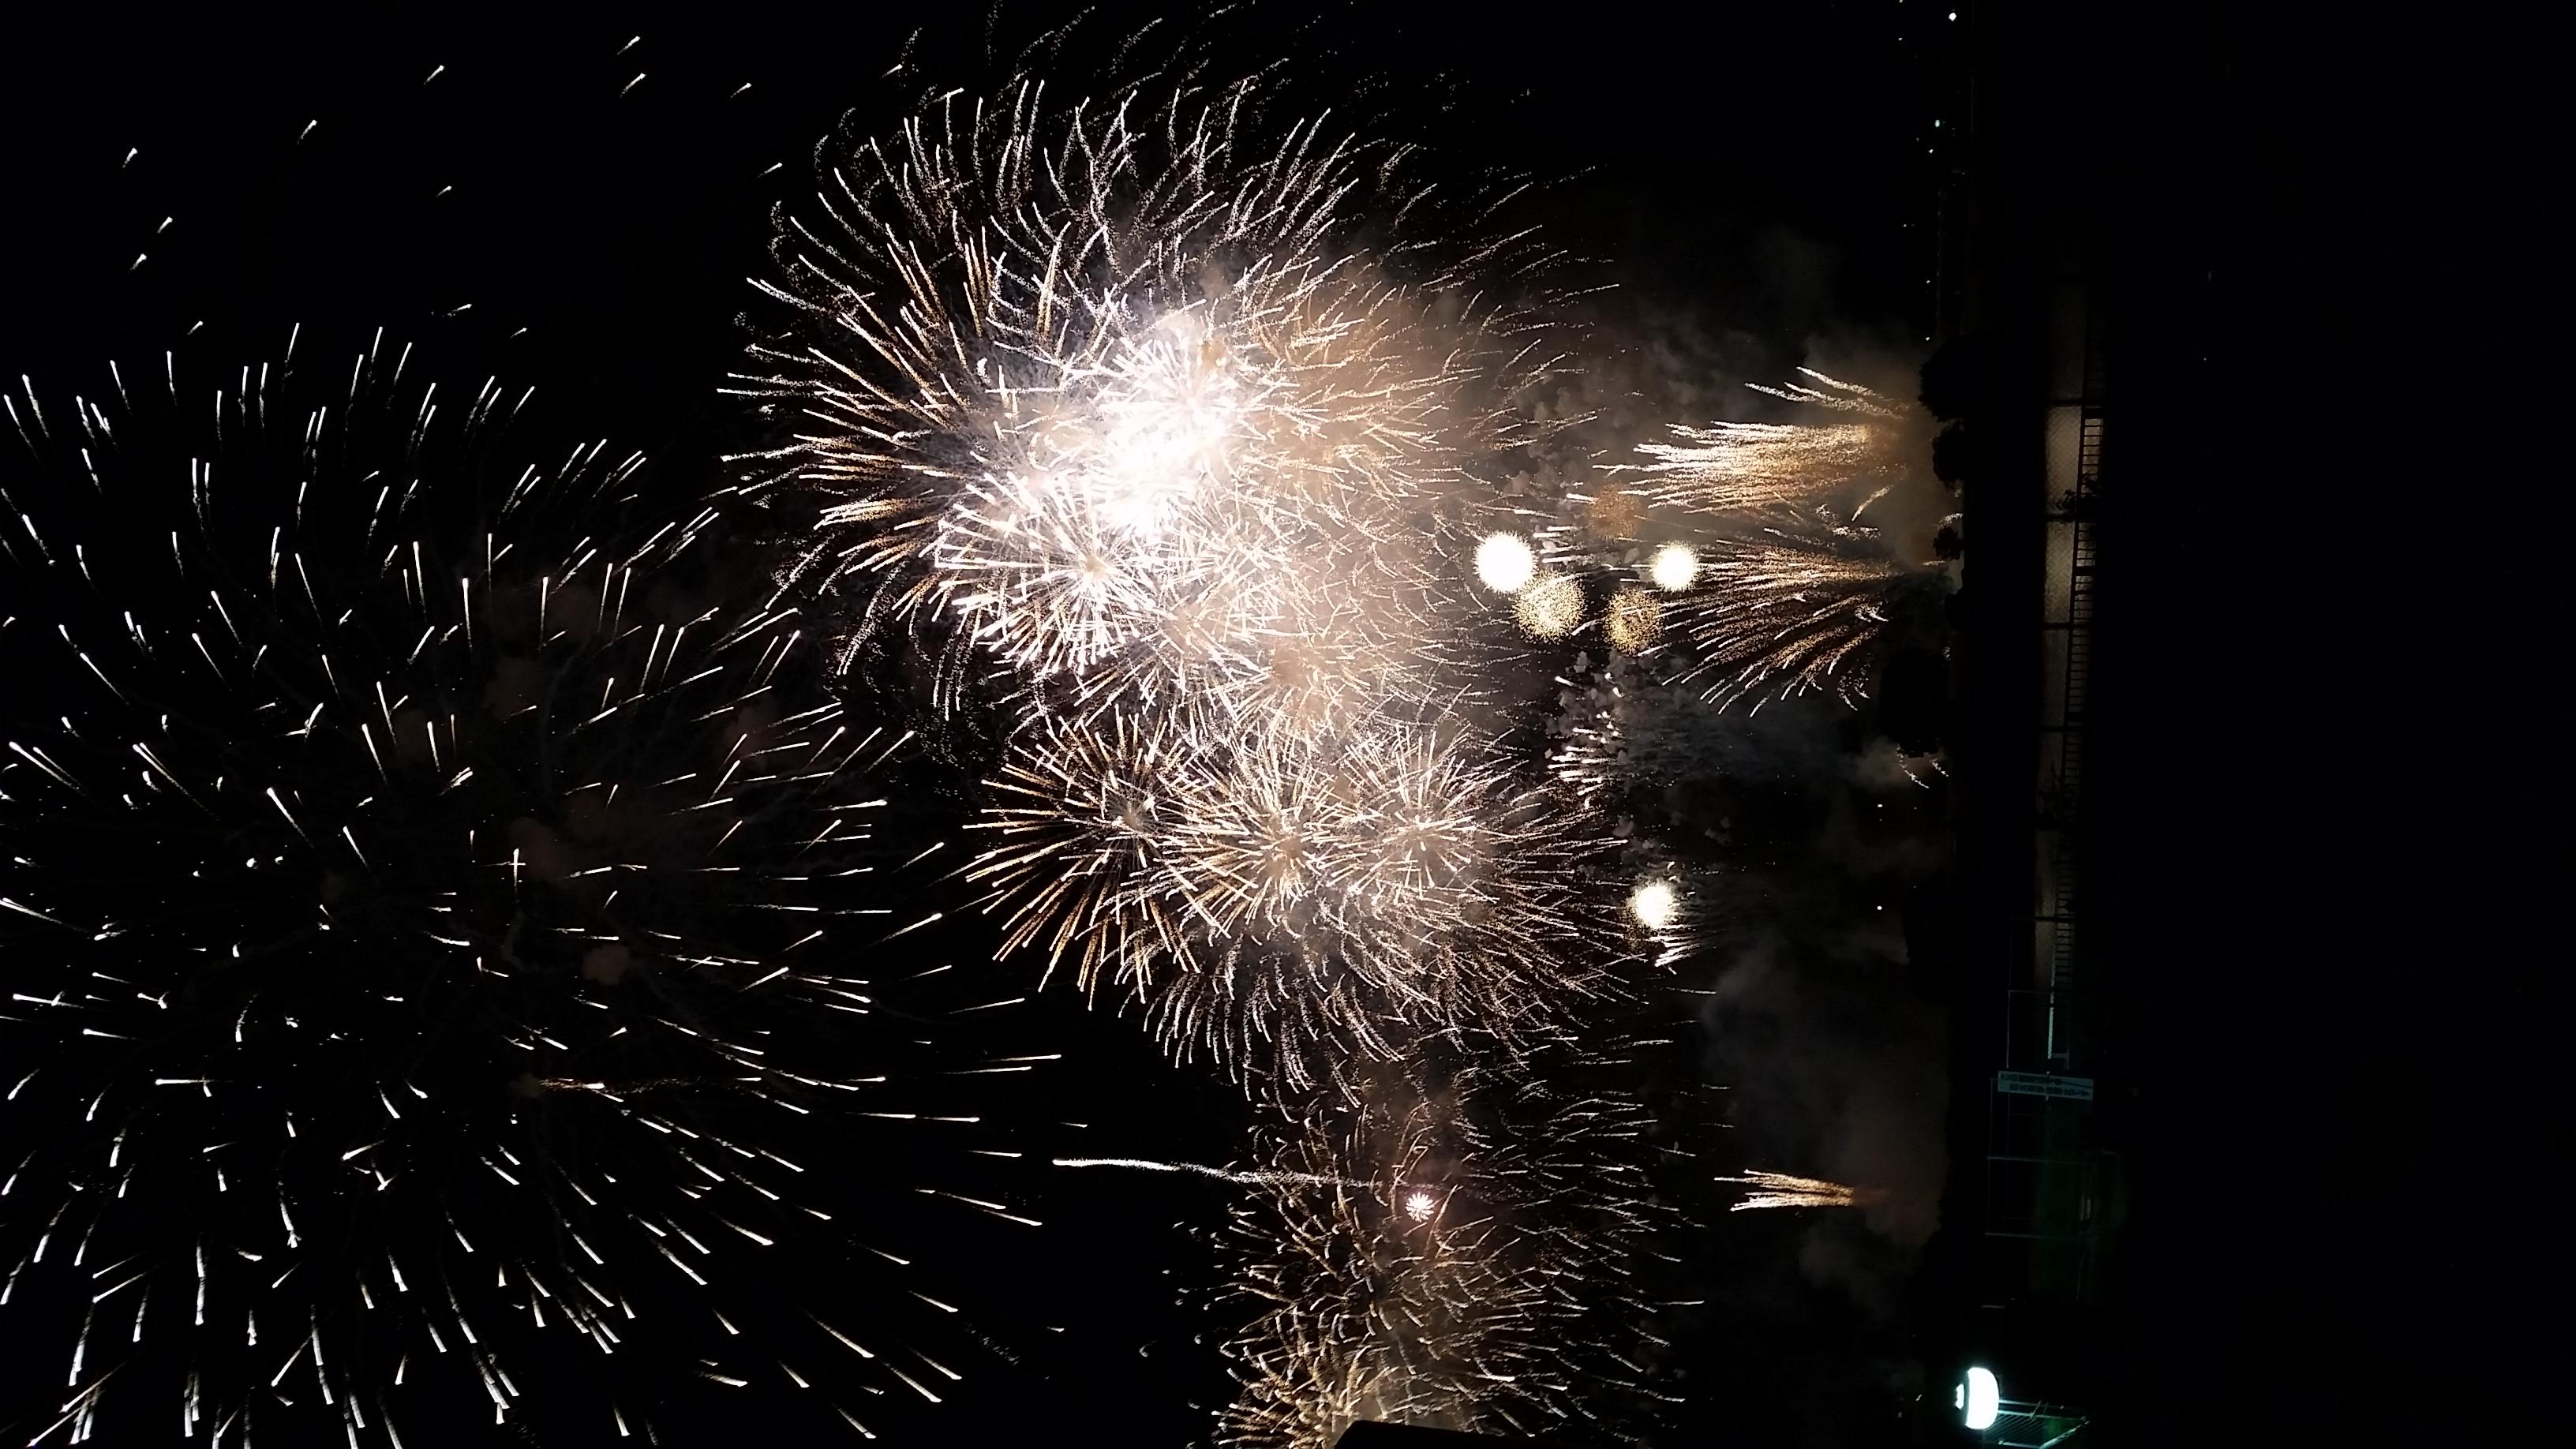 多摩川で開催された花火大会で撮影